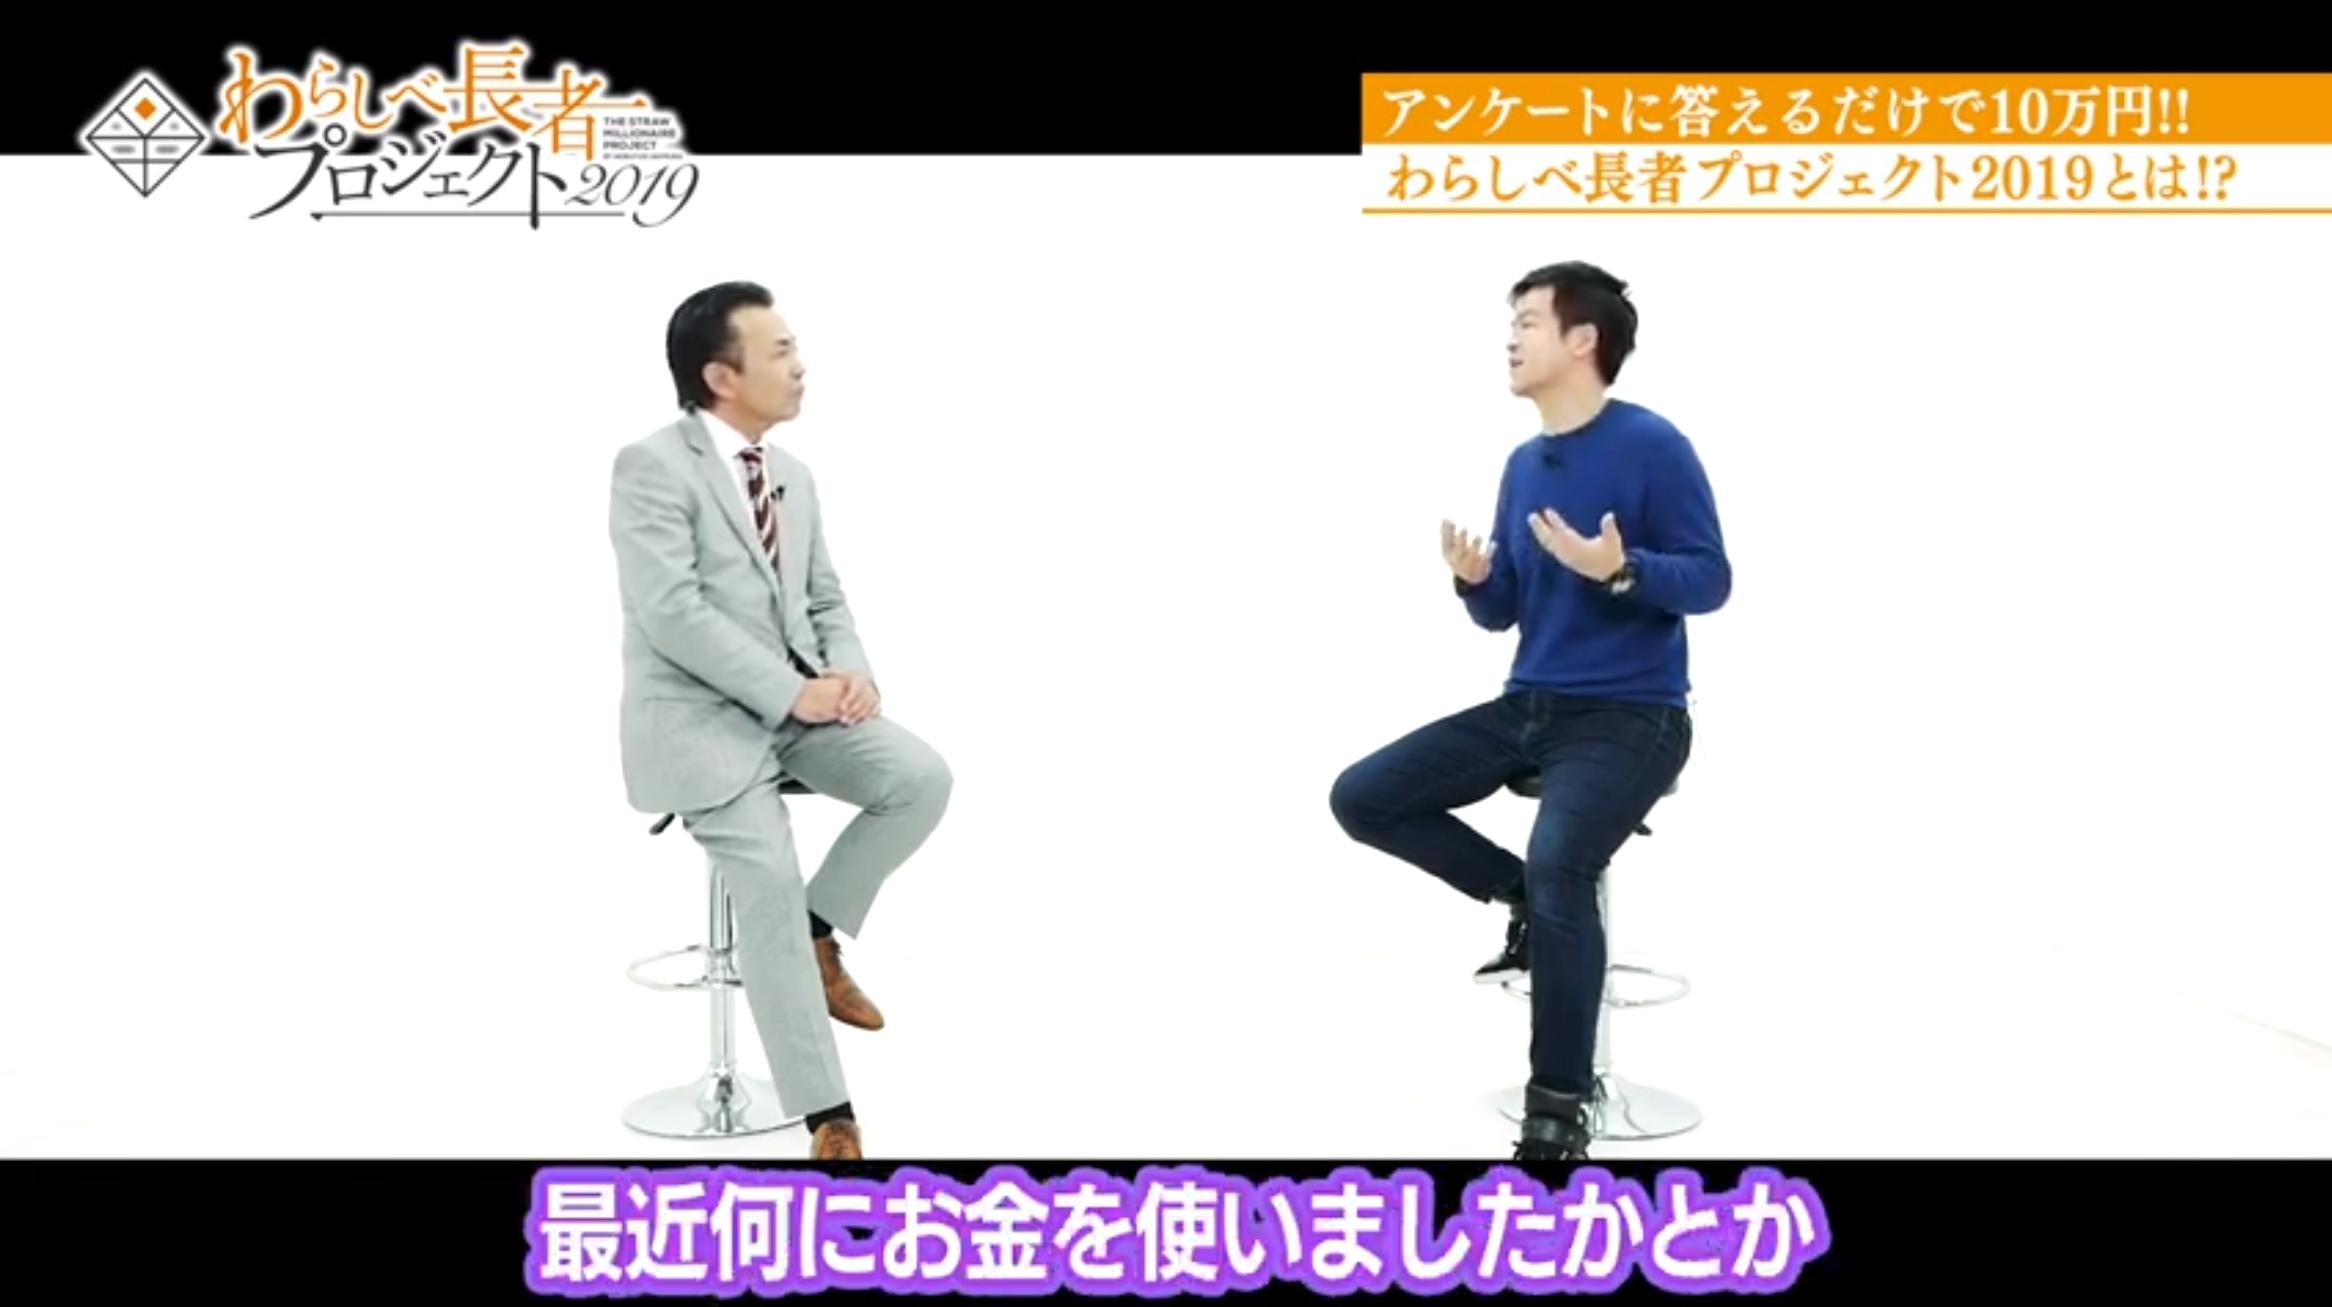 有村ノブユキ わらしべ長者プロジェクト2019 YouTube画像4